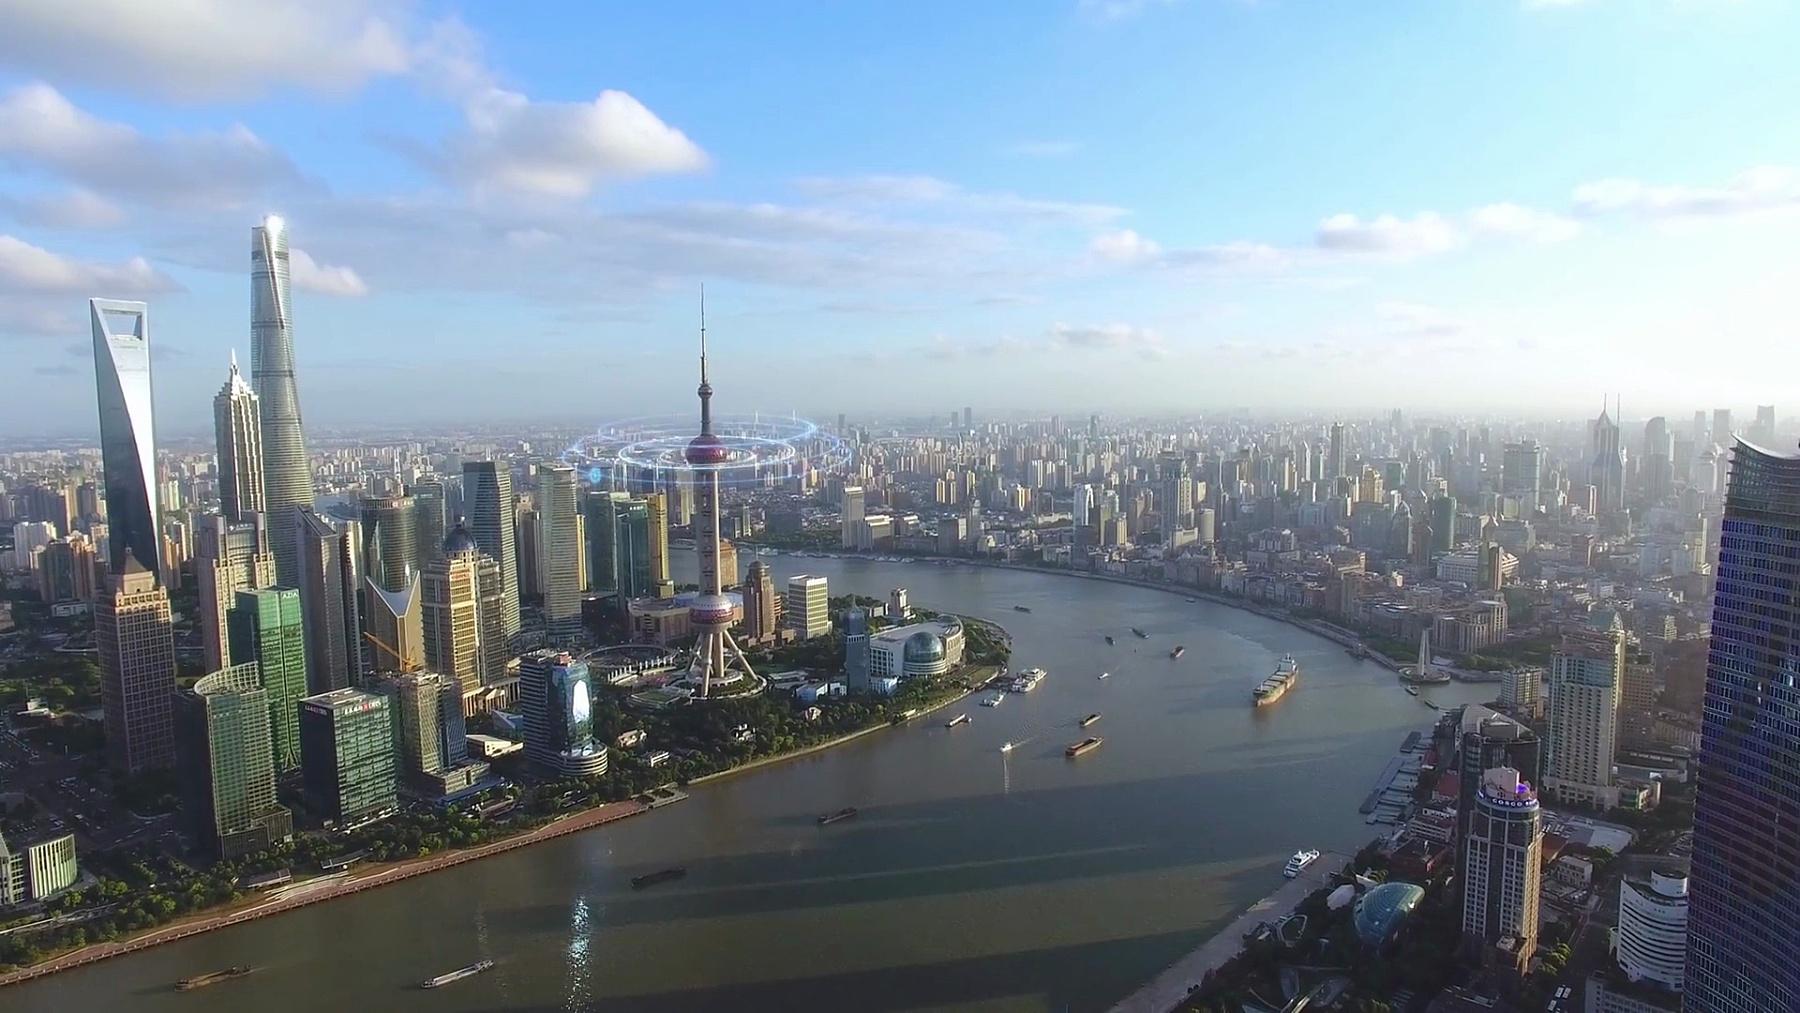 智能城市中现代建筑的鸟瞰,带有运动图形,无人驾驶飞机镜头